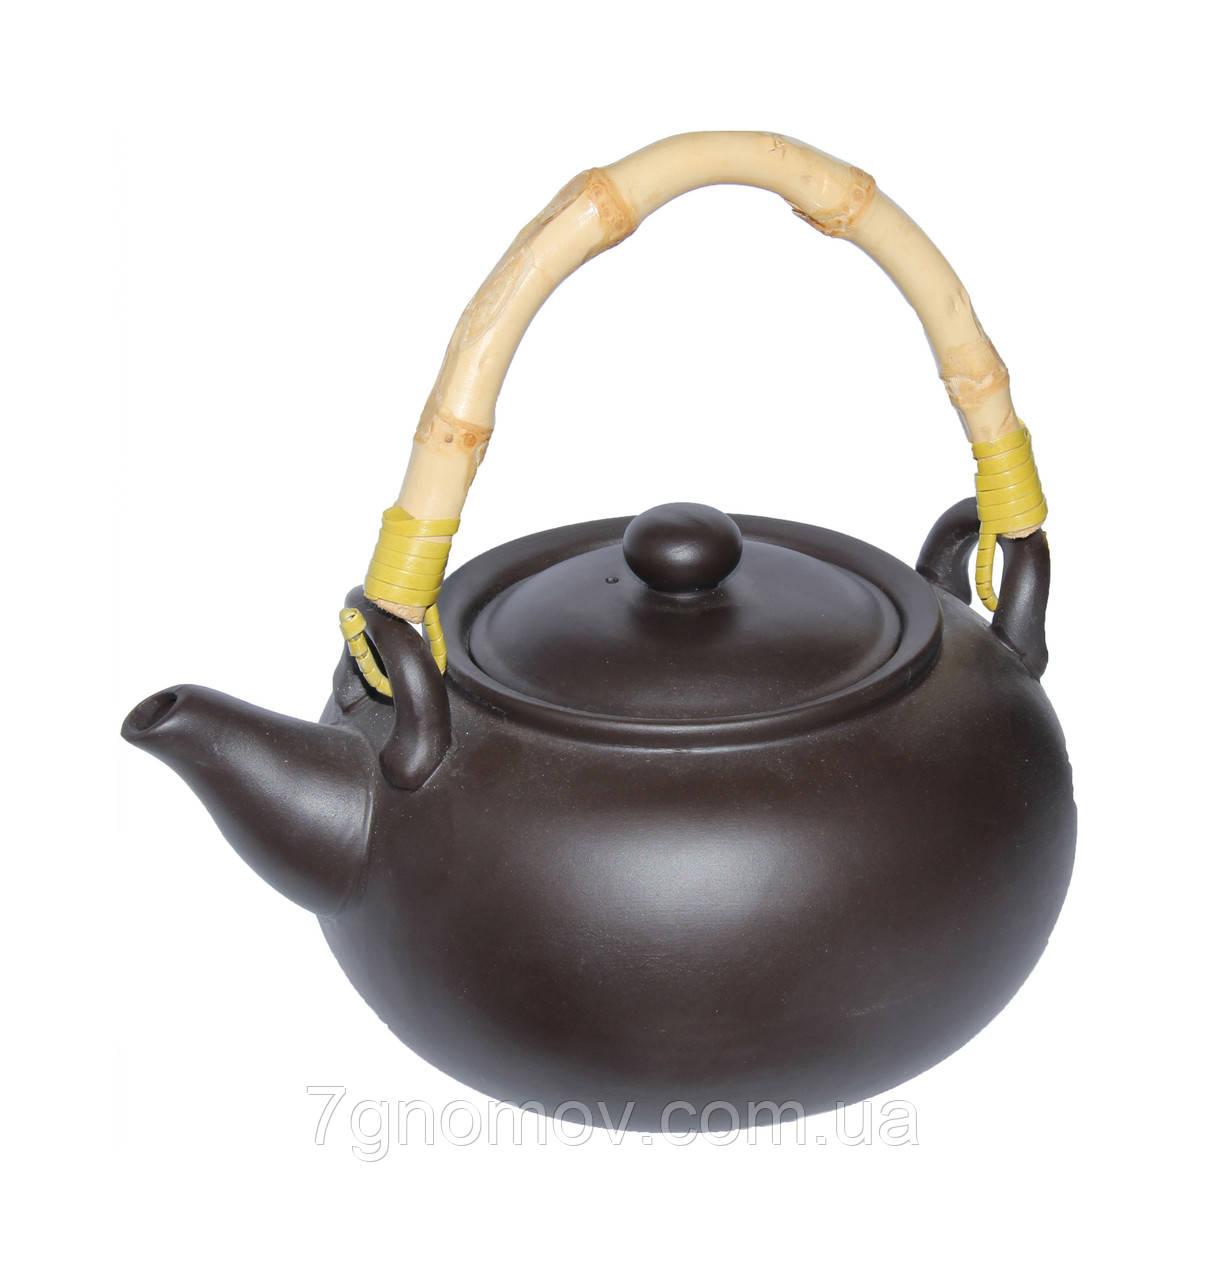 """Глиняный чайник с бамбуковой ручкой """"Черное золото"""" 950 мл"""